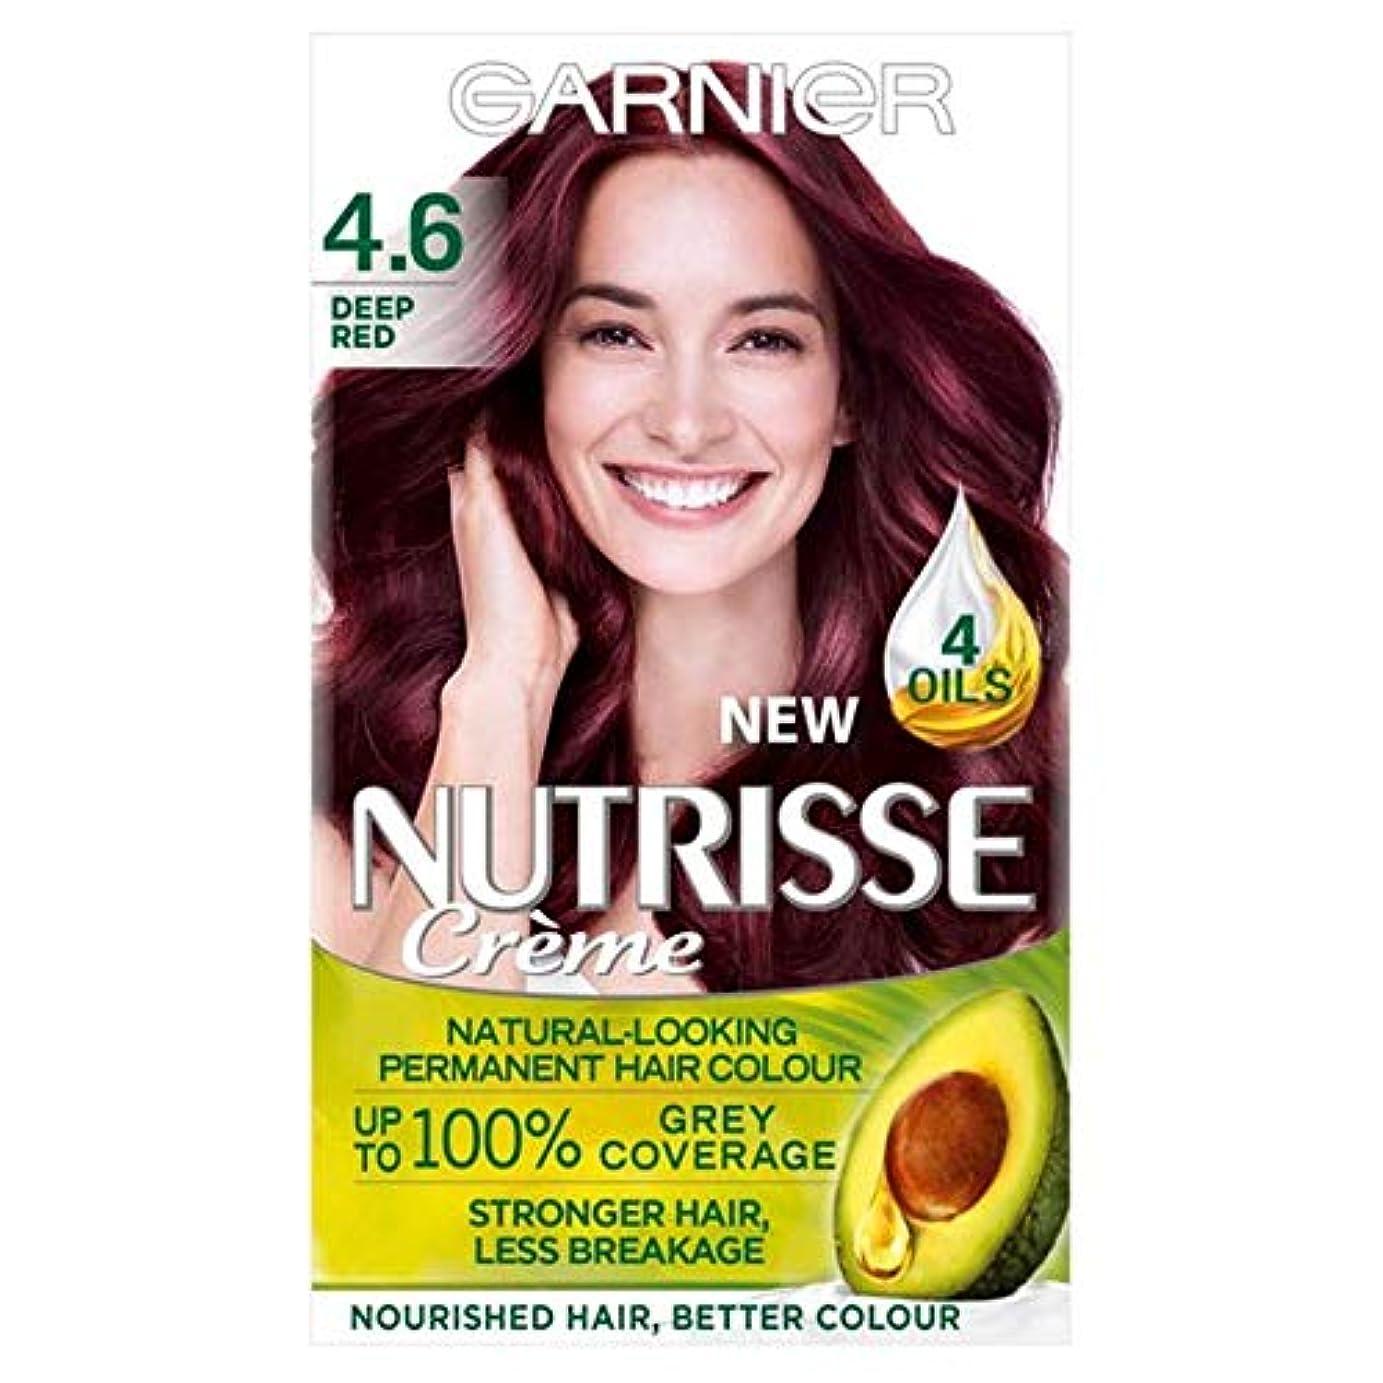 藤色飼料粉砕する[Nutrisse] ガルニエNutrisse 4.6深紅パーマネントヘアダイ - Garnier Nutrisse 4.6 Deep Red Permanent Hair Dye [並行輸入品]